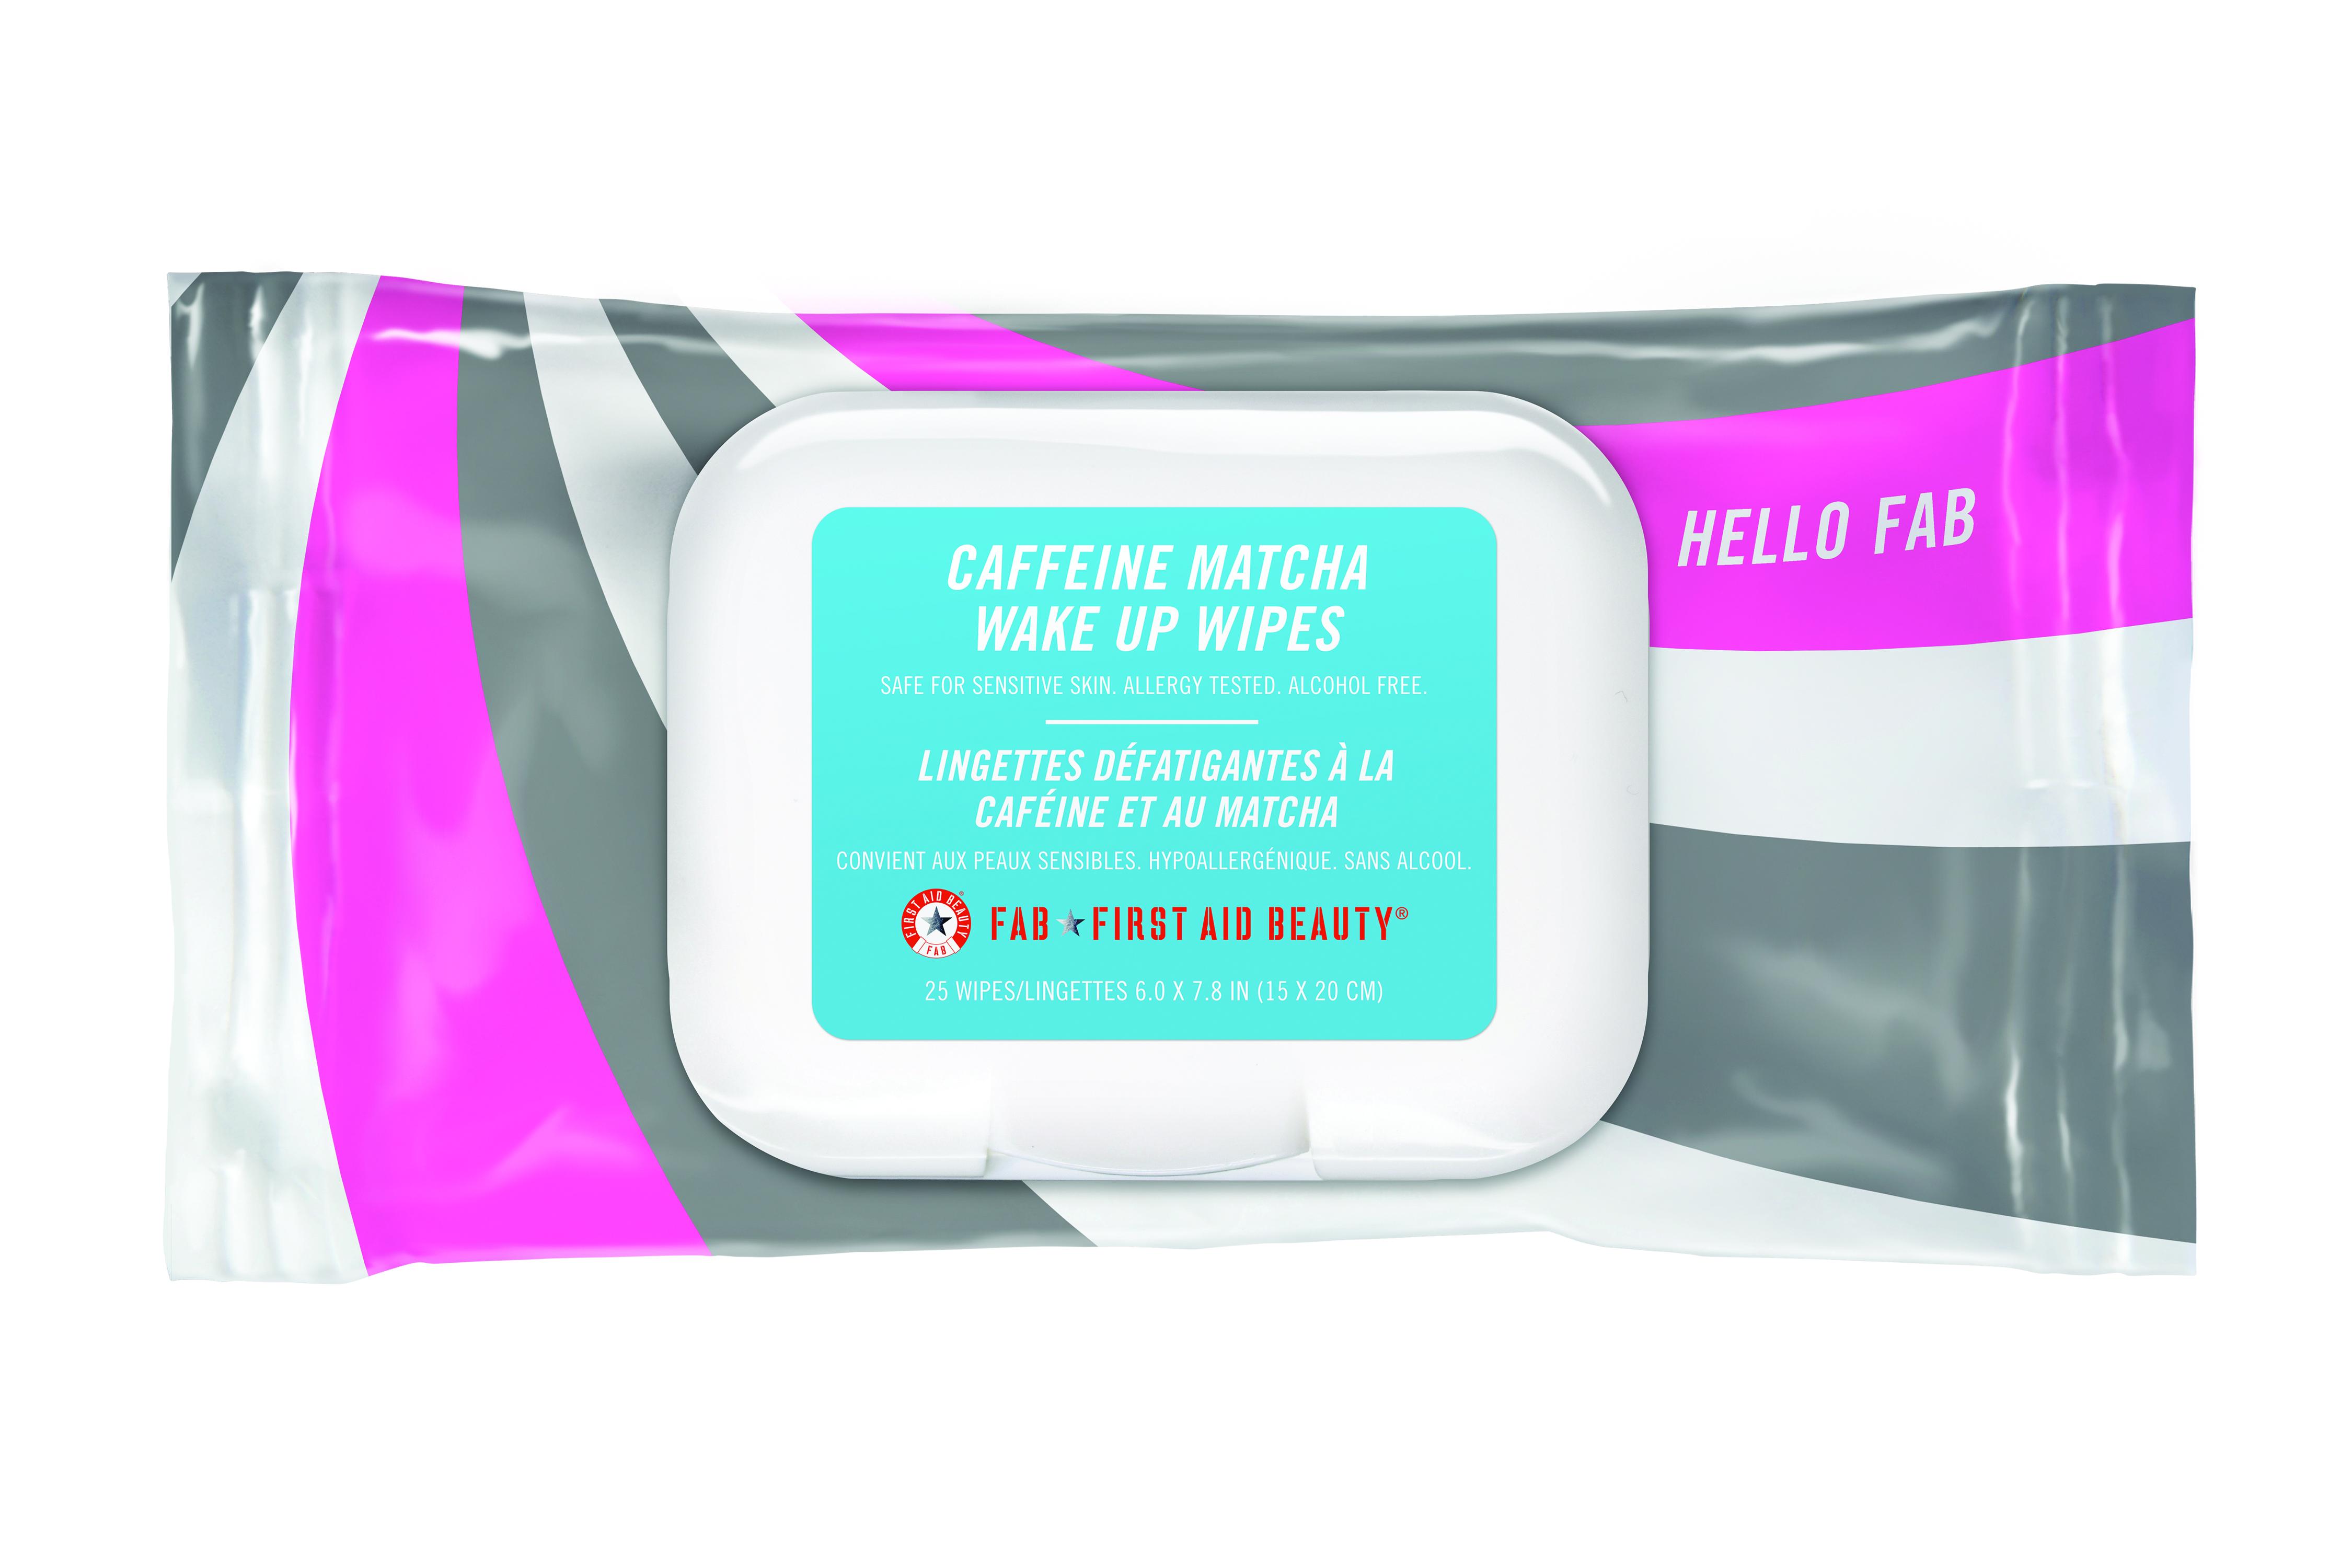 HelloFAB Caffeine Matcha Wipe | Catenya.com